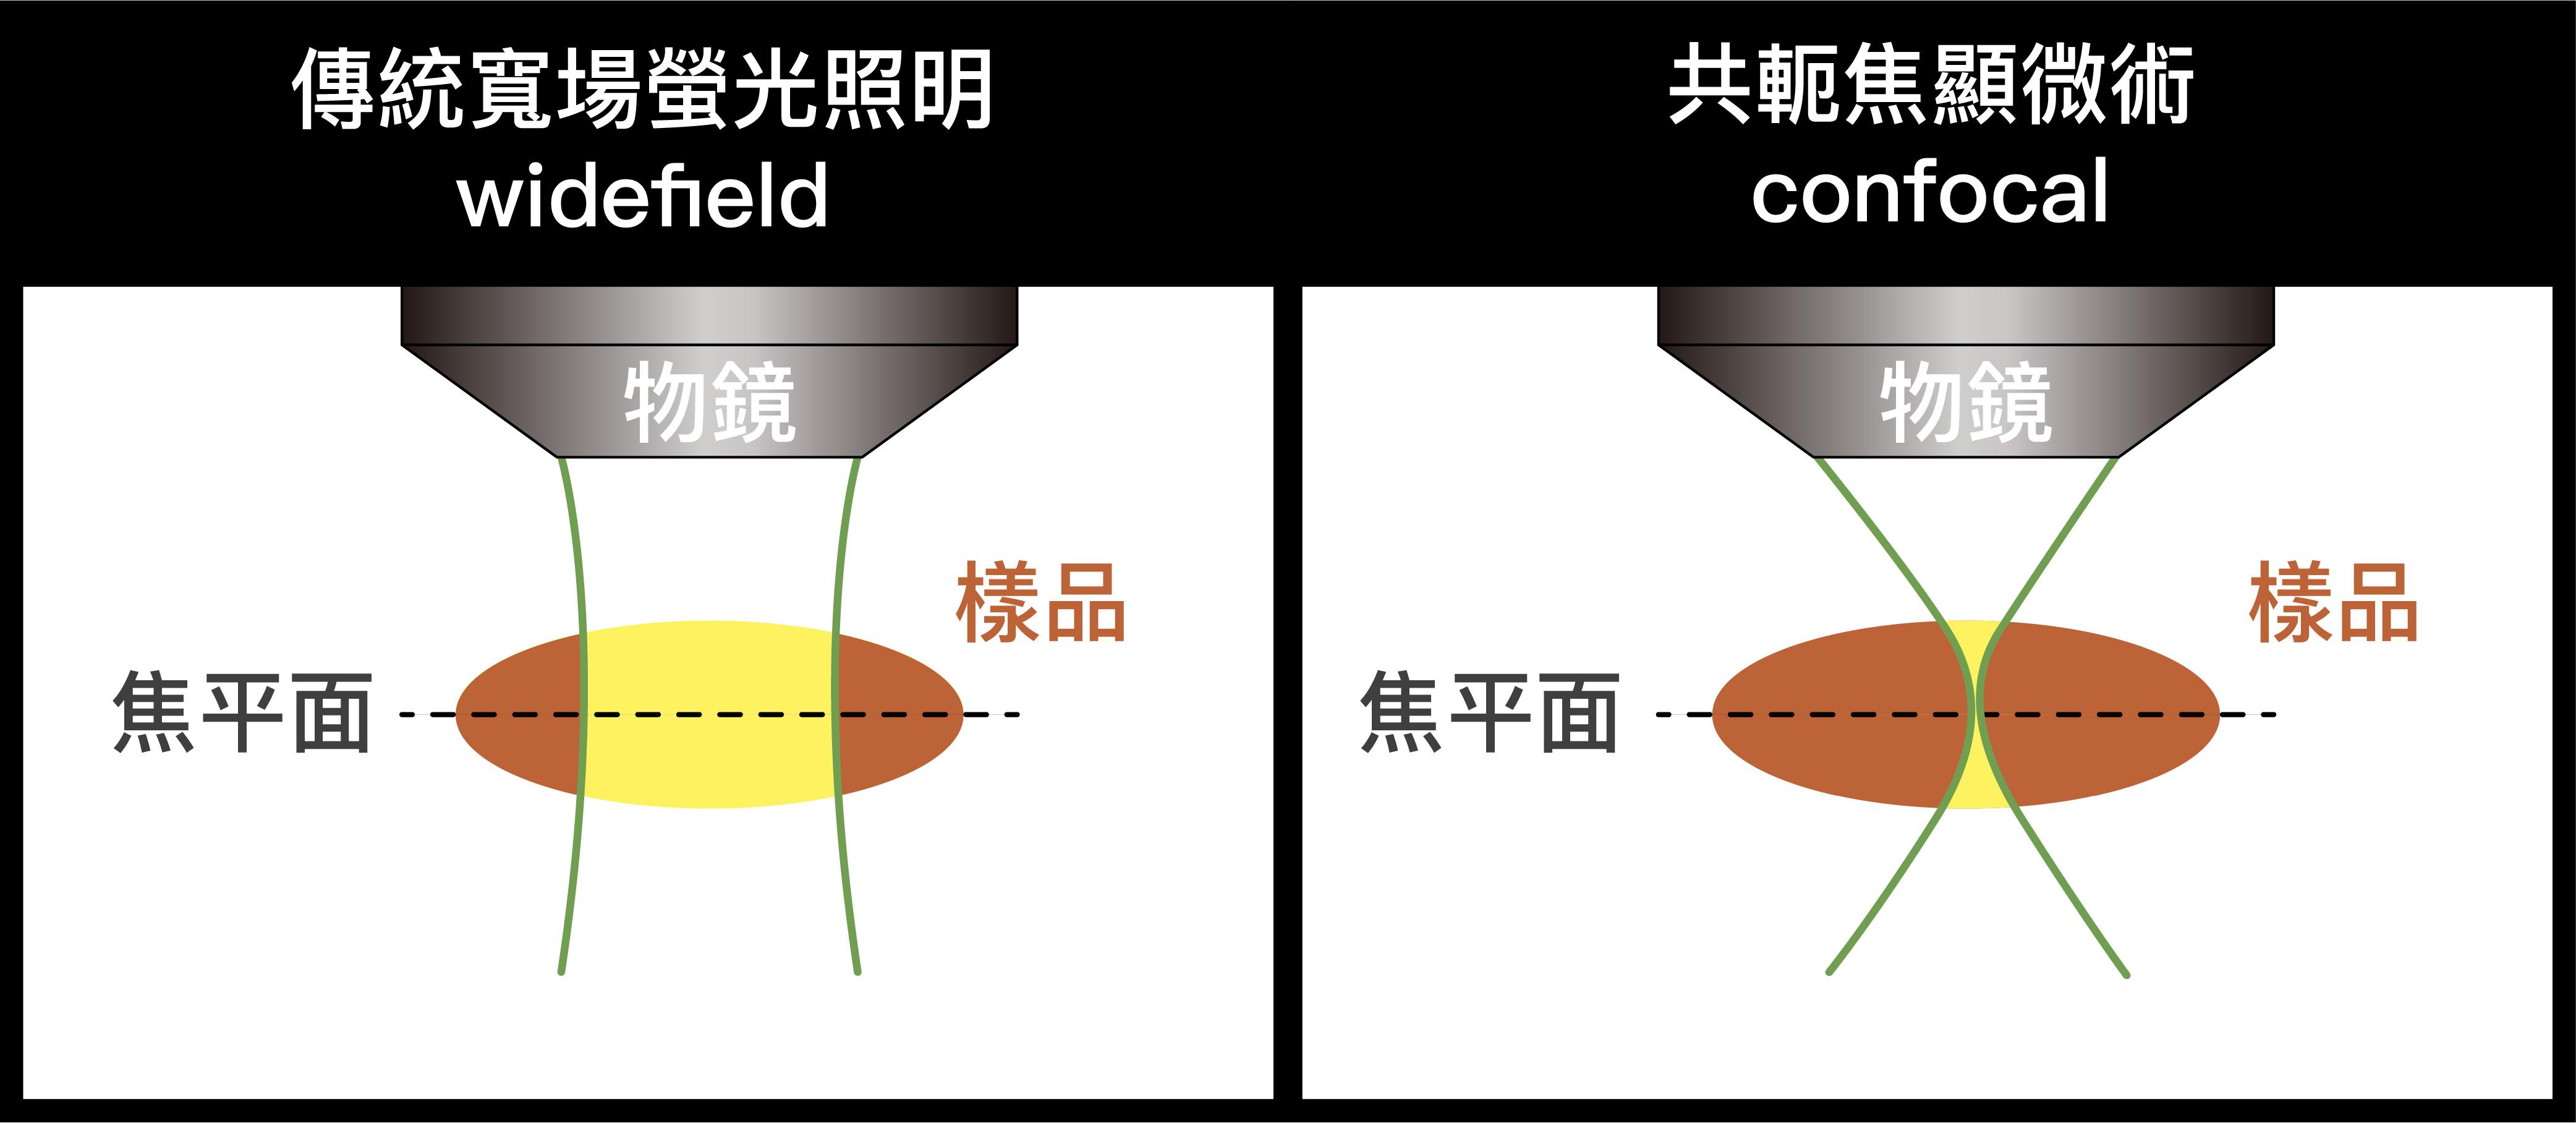 螢光顯微術的這兩種照明方式,樣品的背景區域皆會被光照到,而產生雜光。 資料來源│陳壁彰提供 圖說重製│廖英凱、張語辰